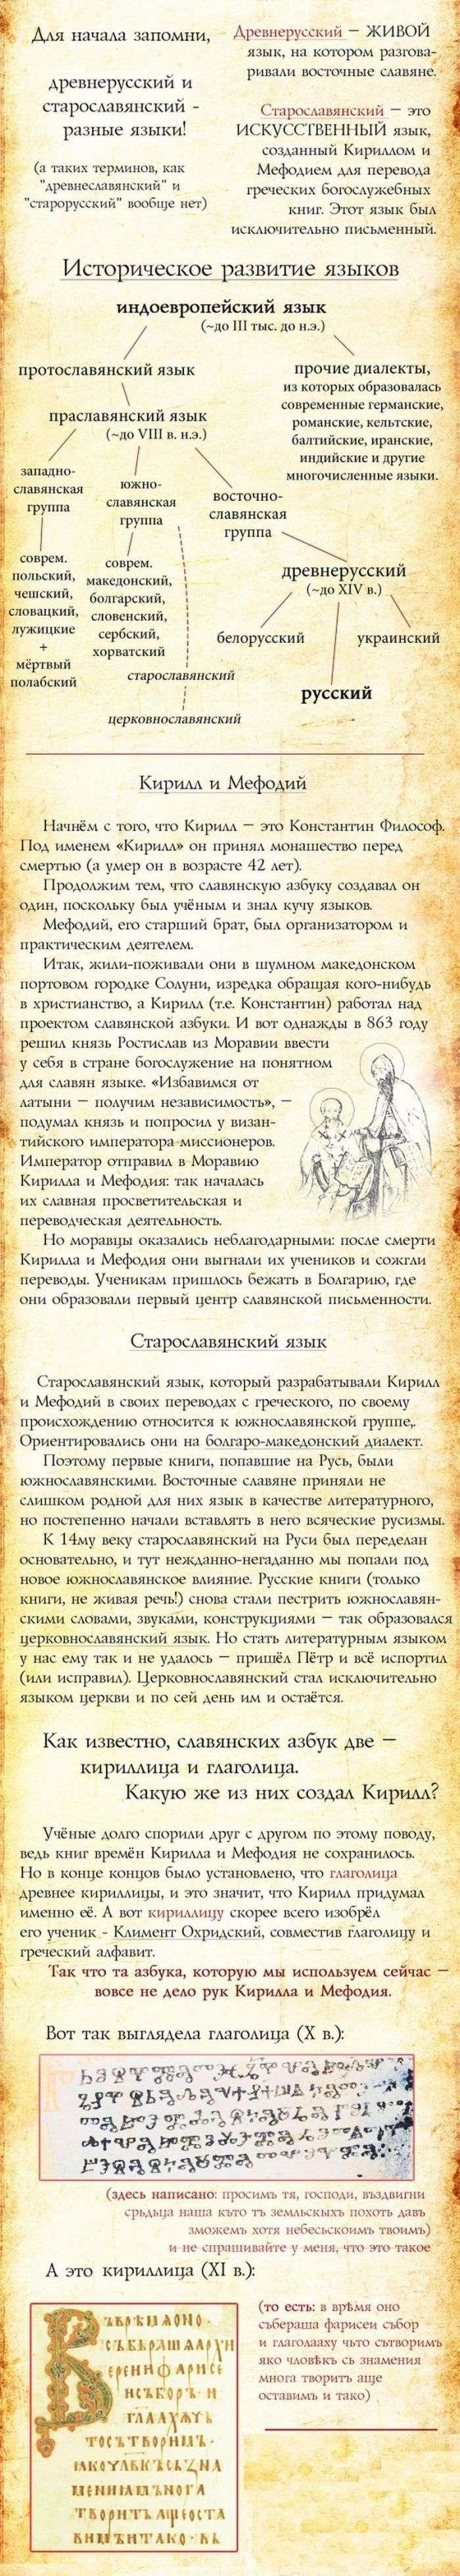 Історія могутнього російської мови (4 фото)